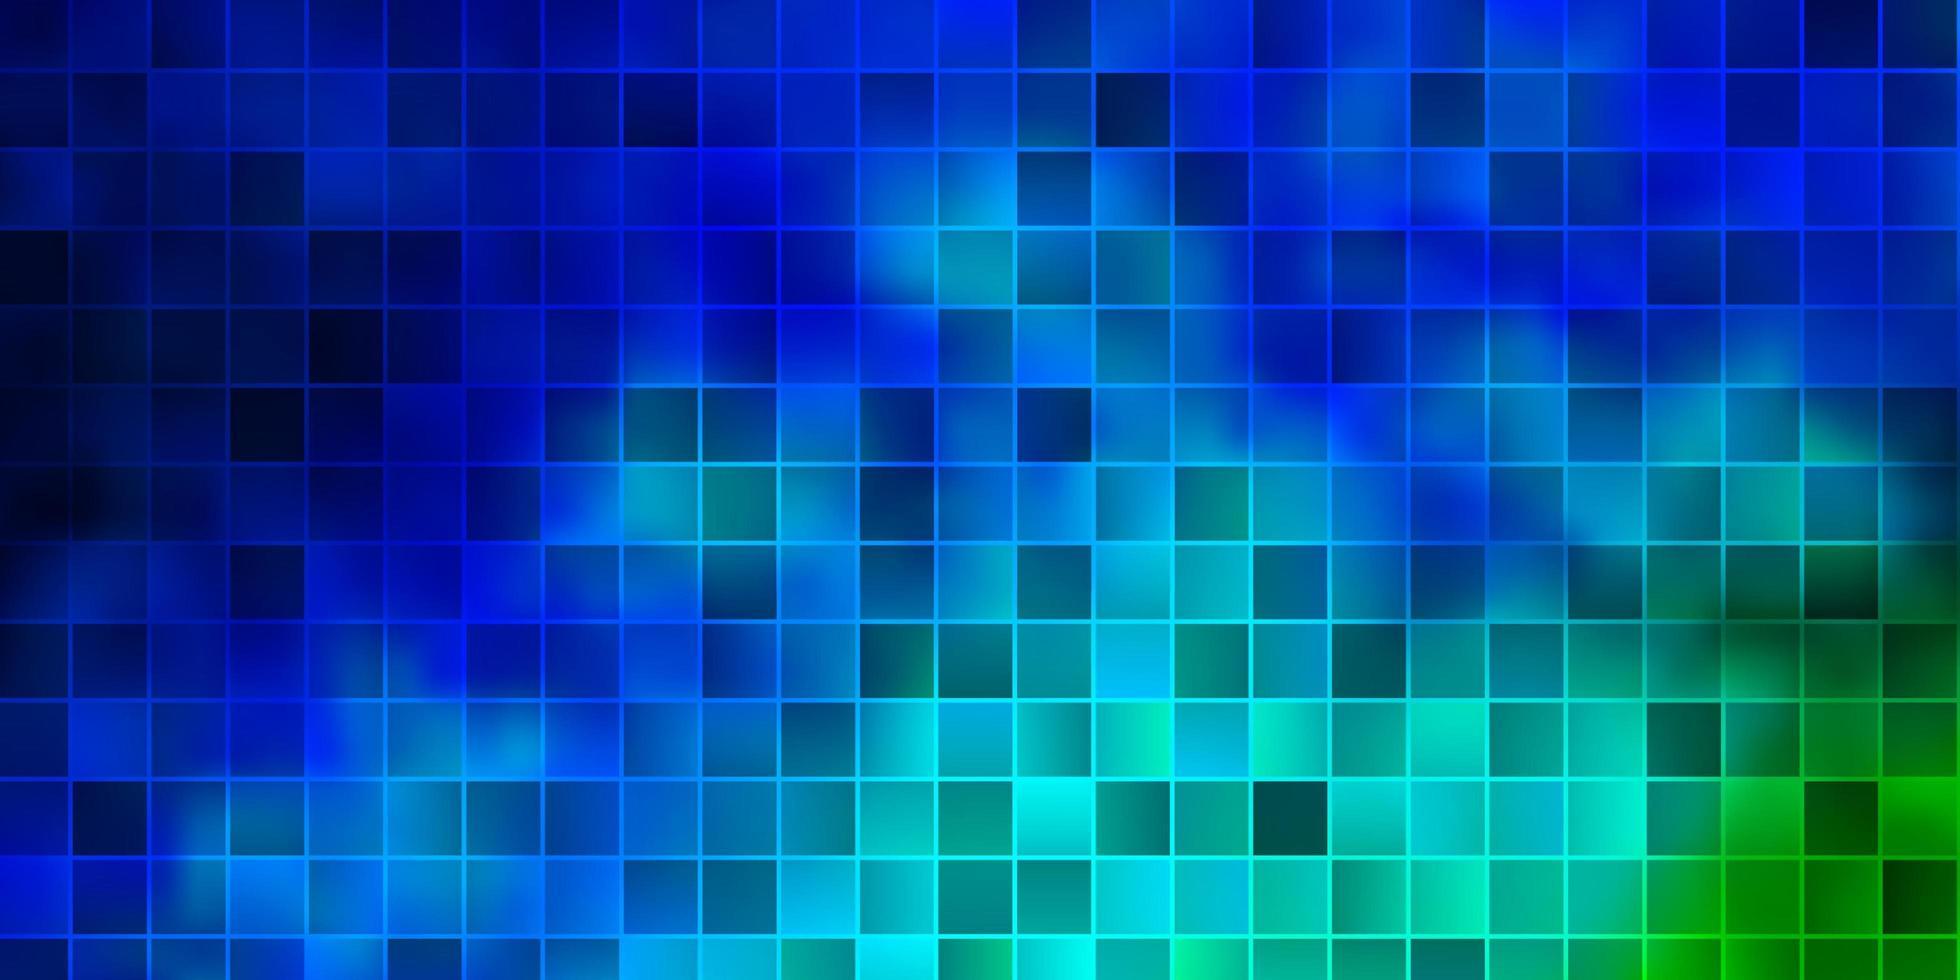 toile de fond de vecteur bleu clair et vert avec des rectangles.